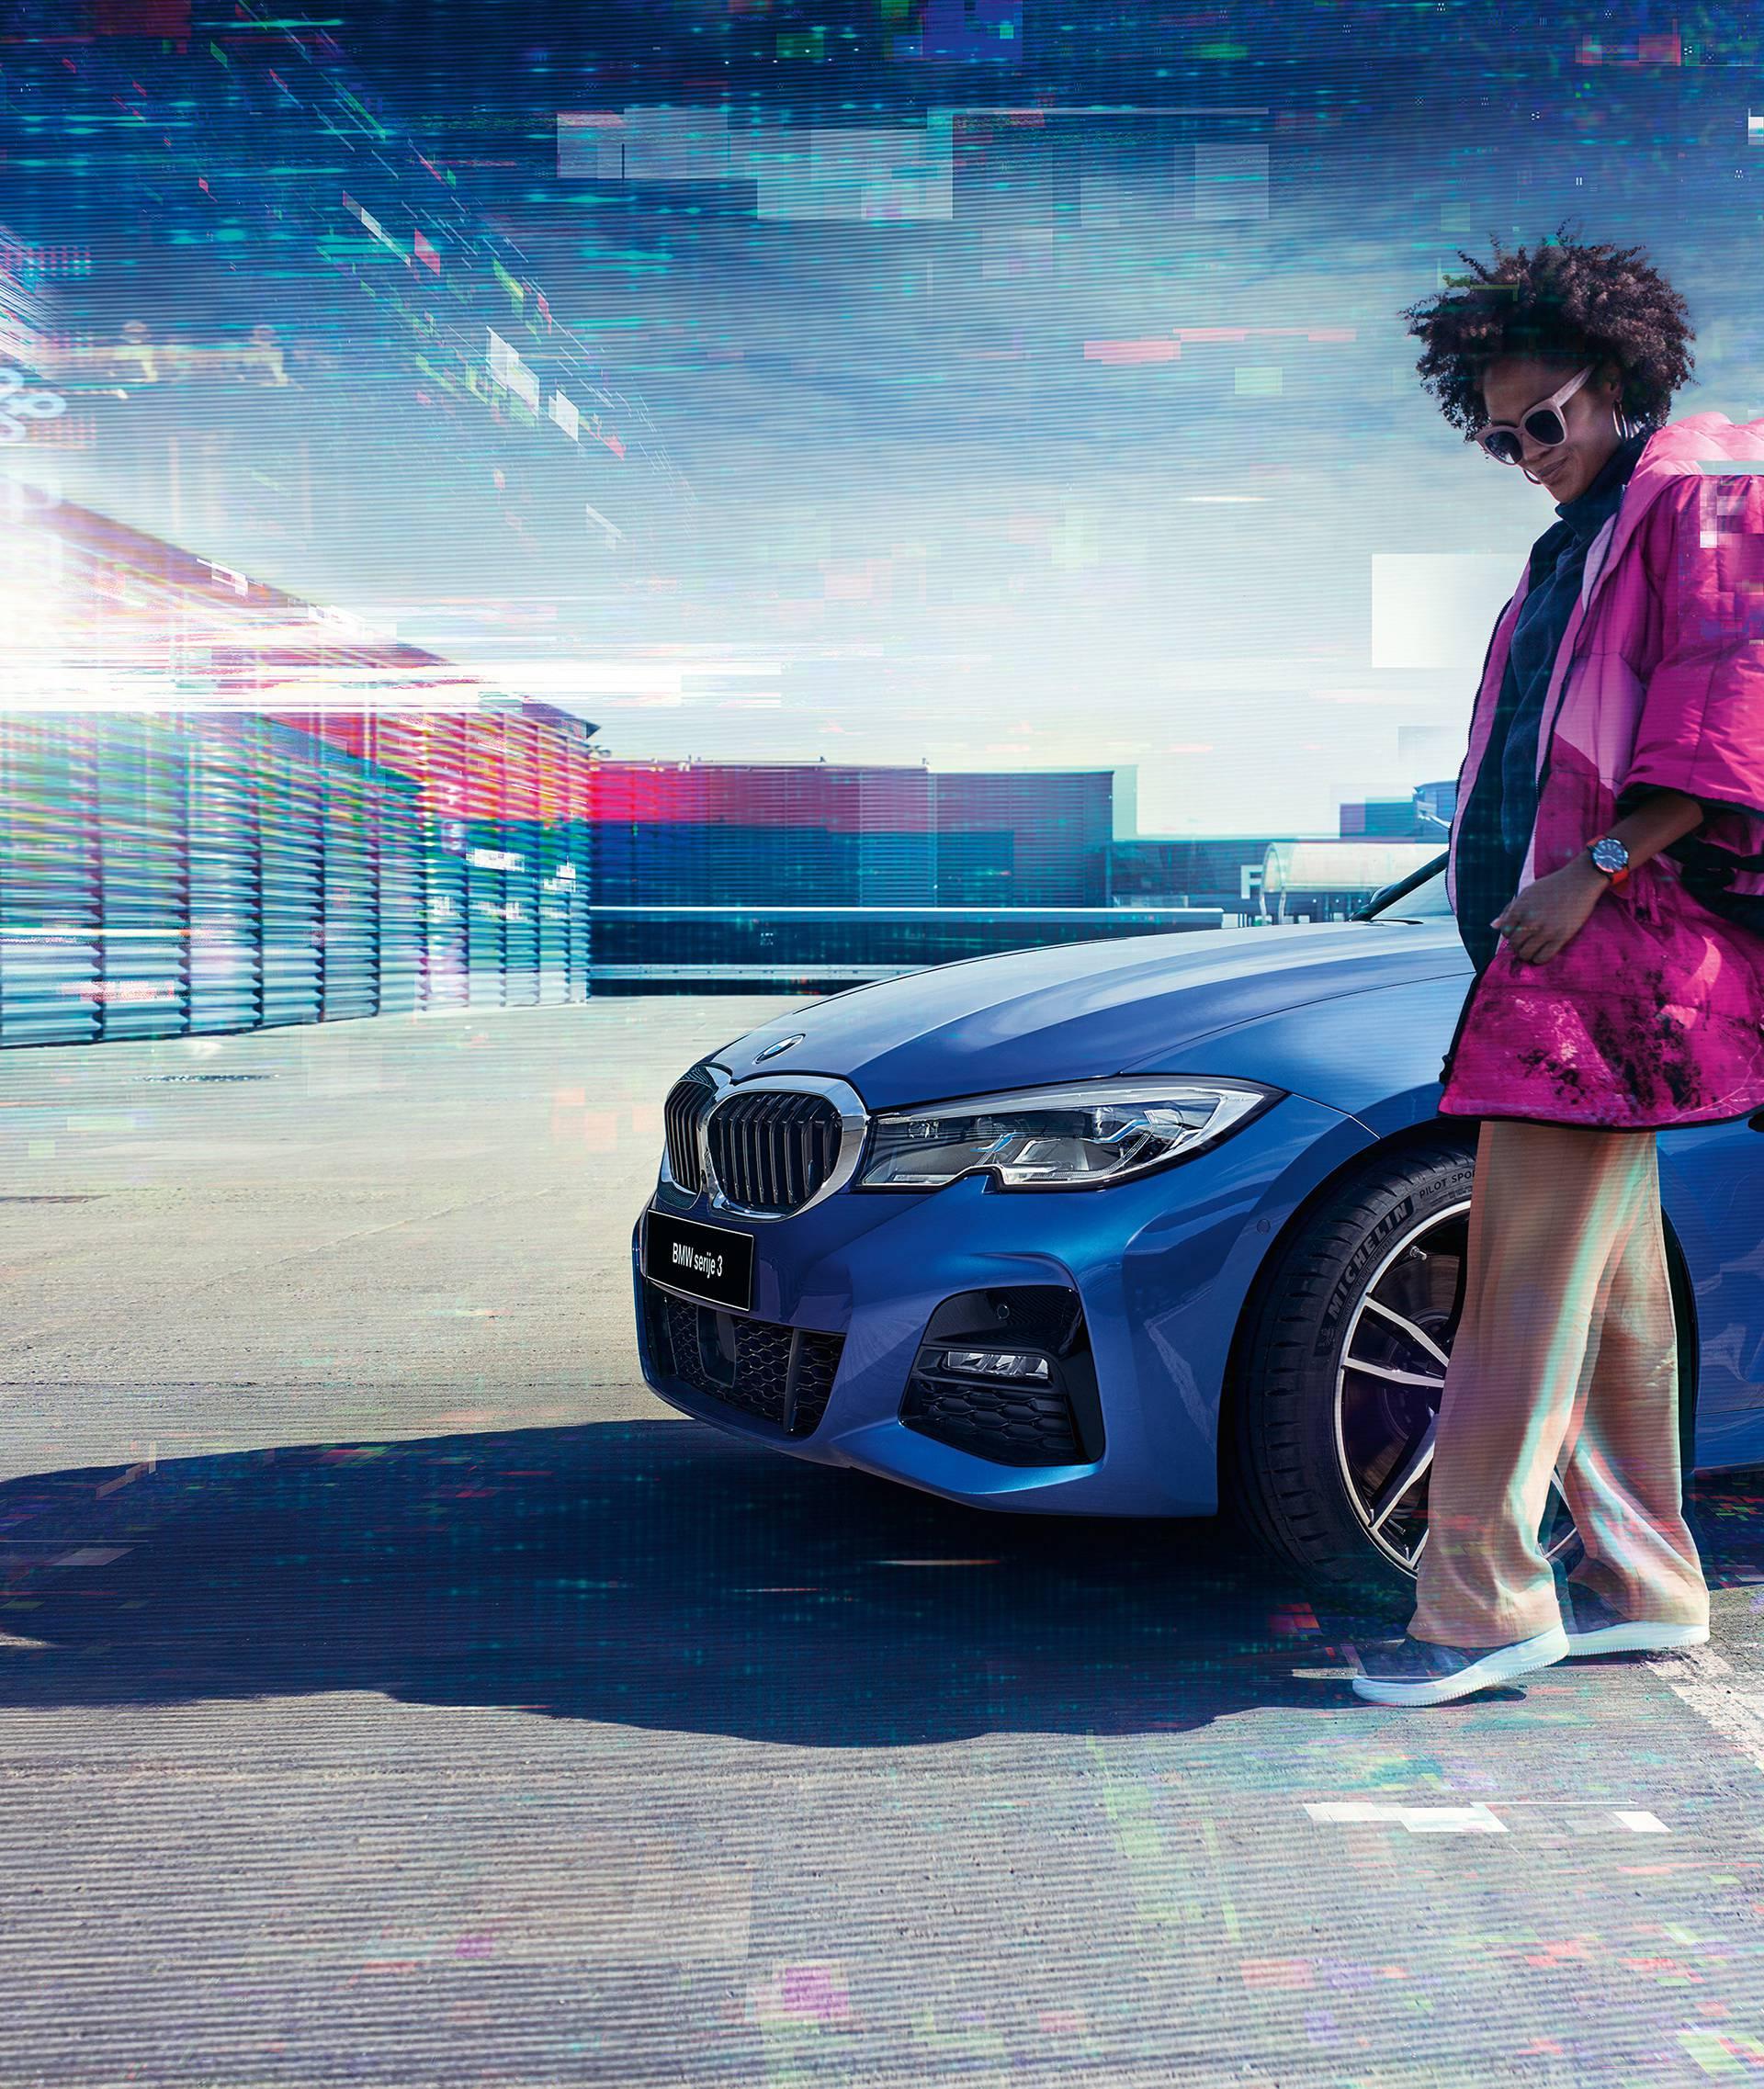 Posebna ponuda limitiranih izdanja BMW modela